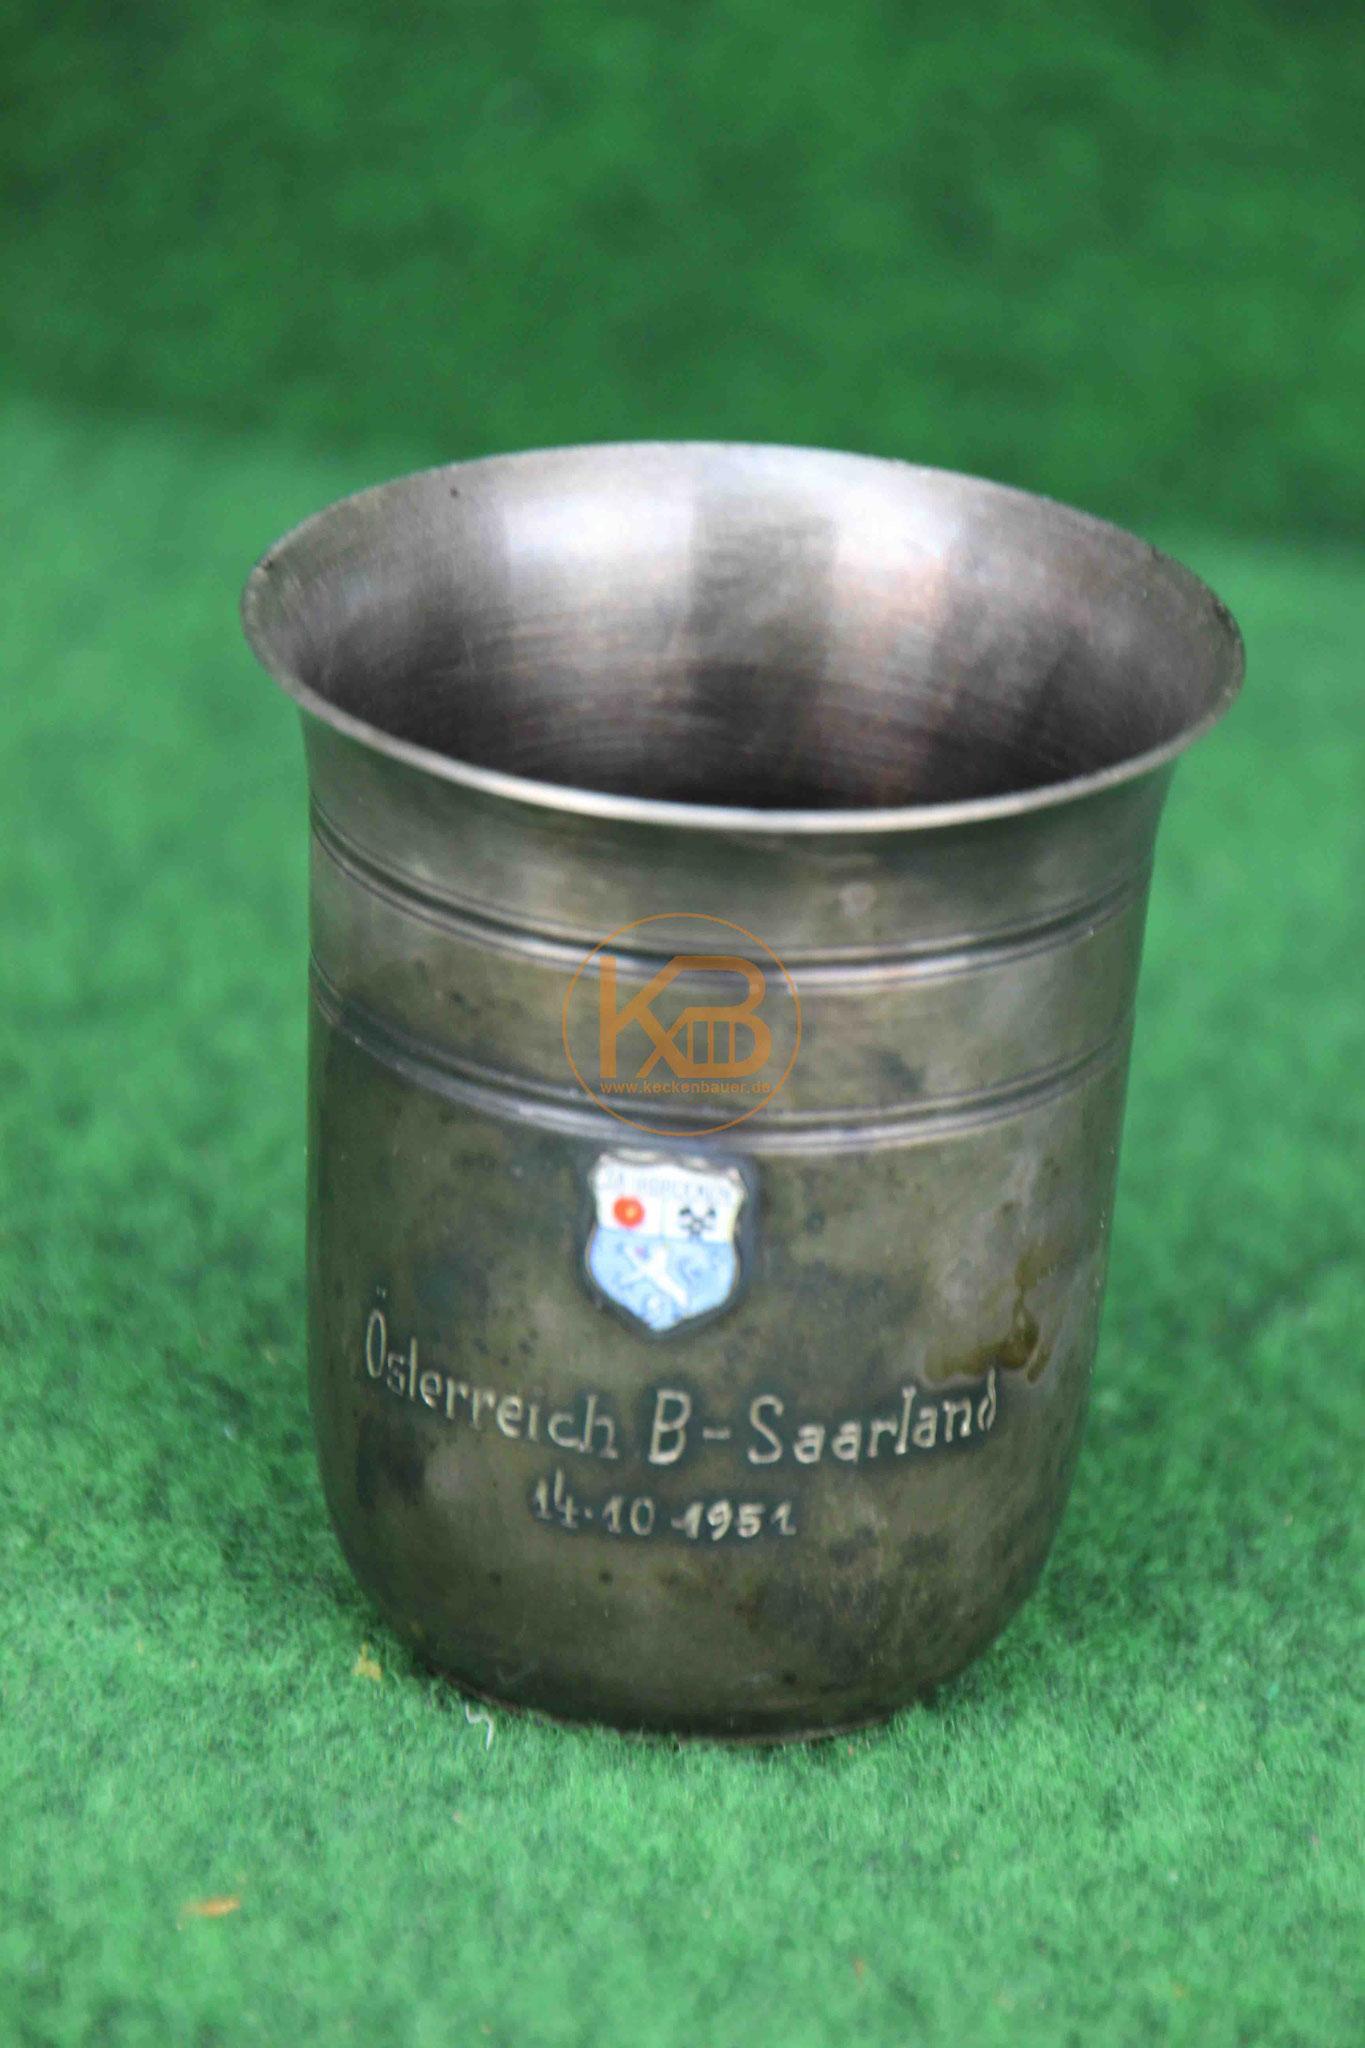 Erinnerungsbecher vom Länderspiel Saarland gegen Österreich am 14.10.1951 in dem Österreich mit 4.1 in Wien gewonnen hat.